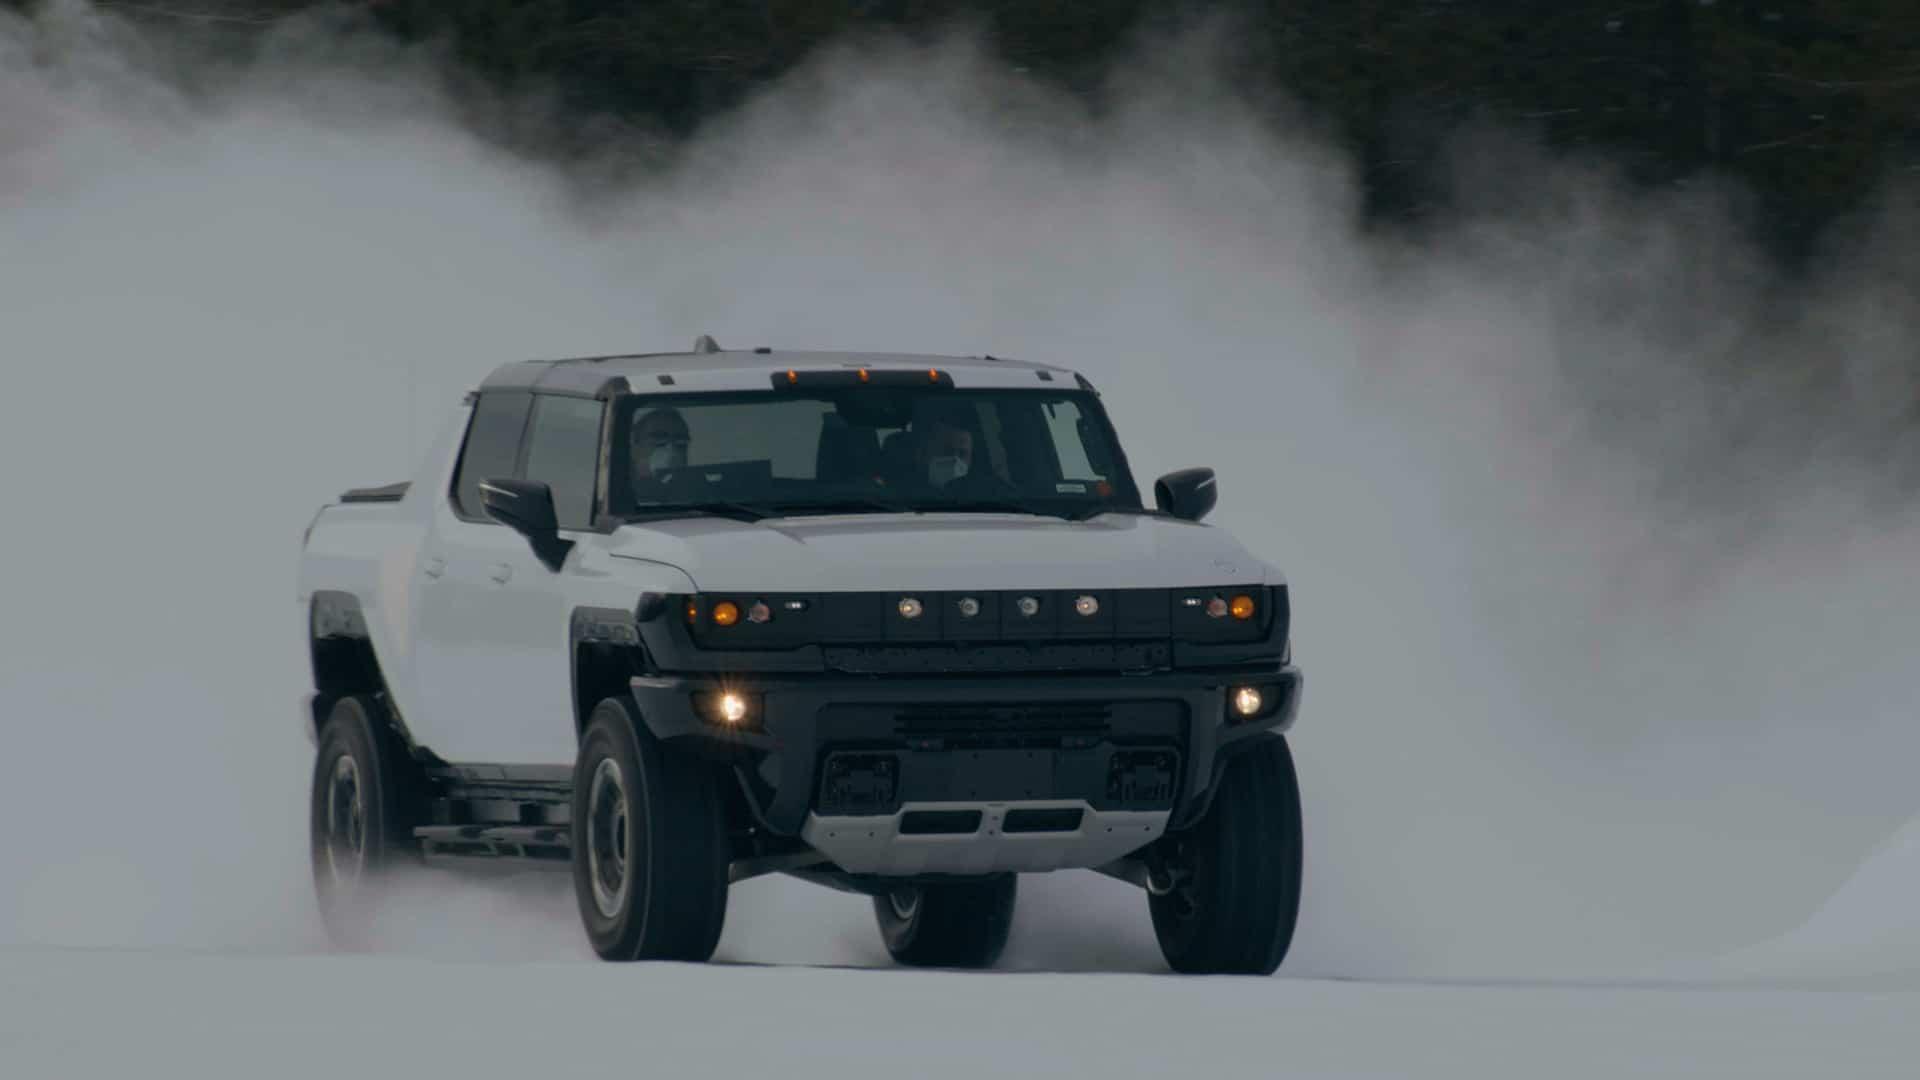 GMC HUMMER EV probado en condiciones extremas